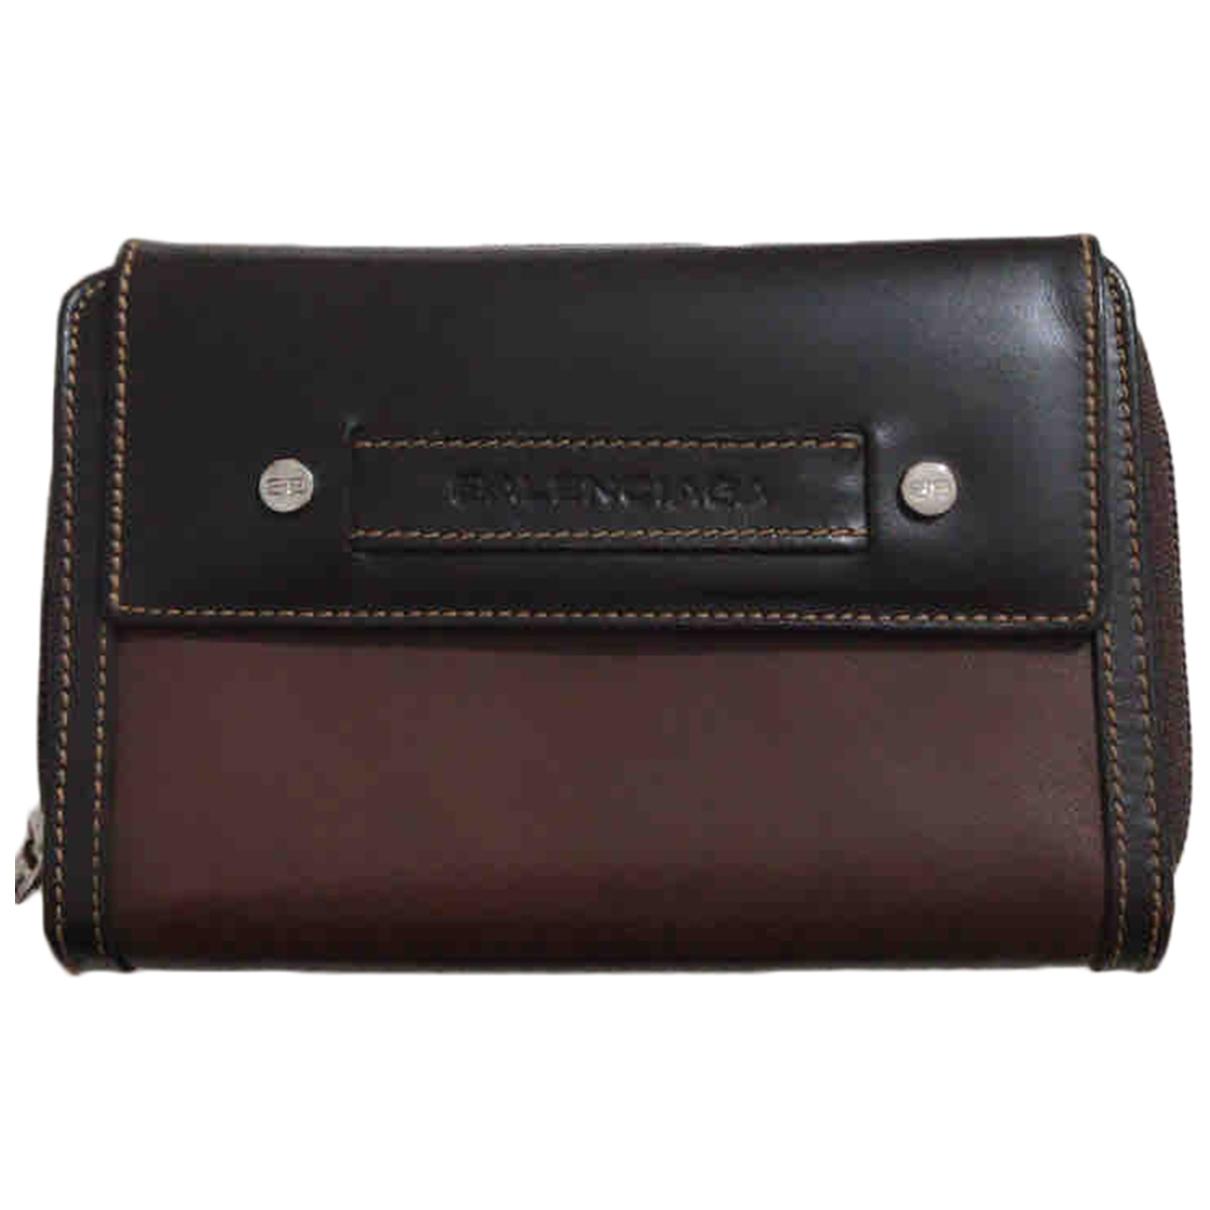 Balenciaga - Portefeuille   pour femme en cuir - marron